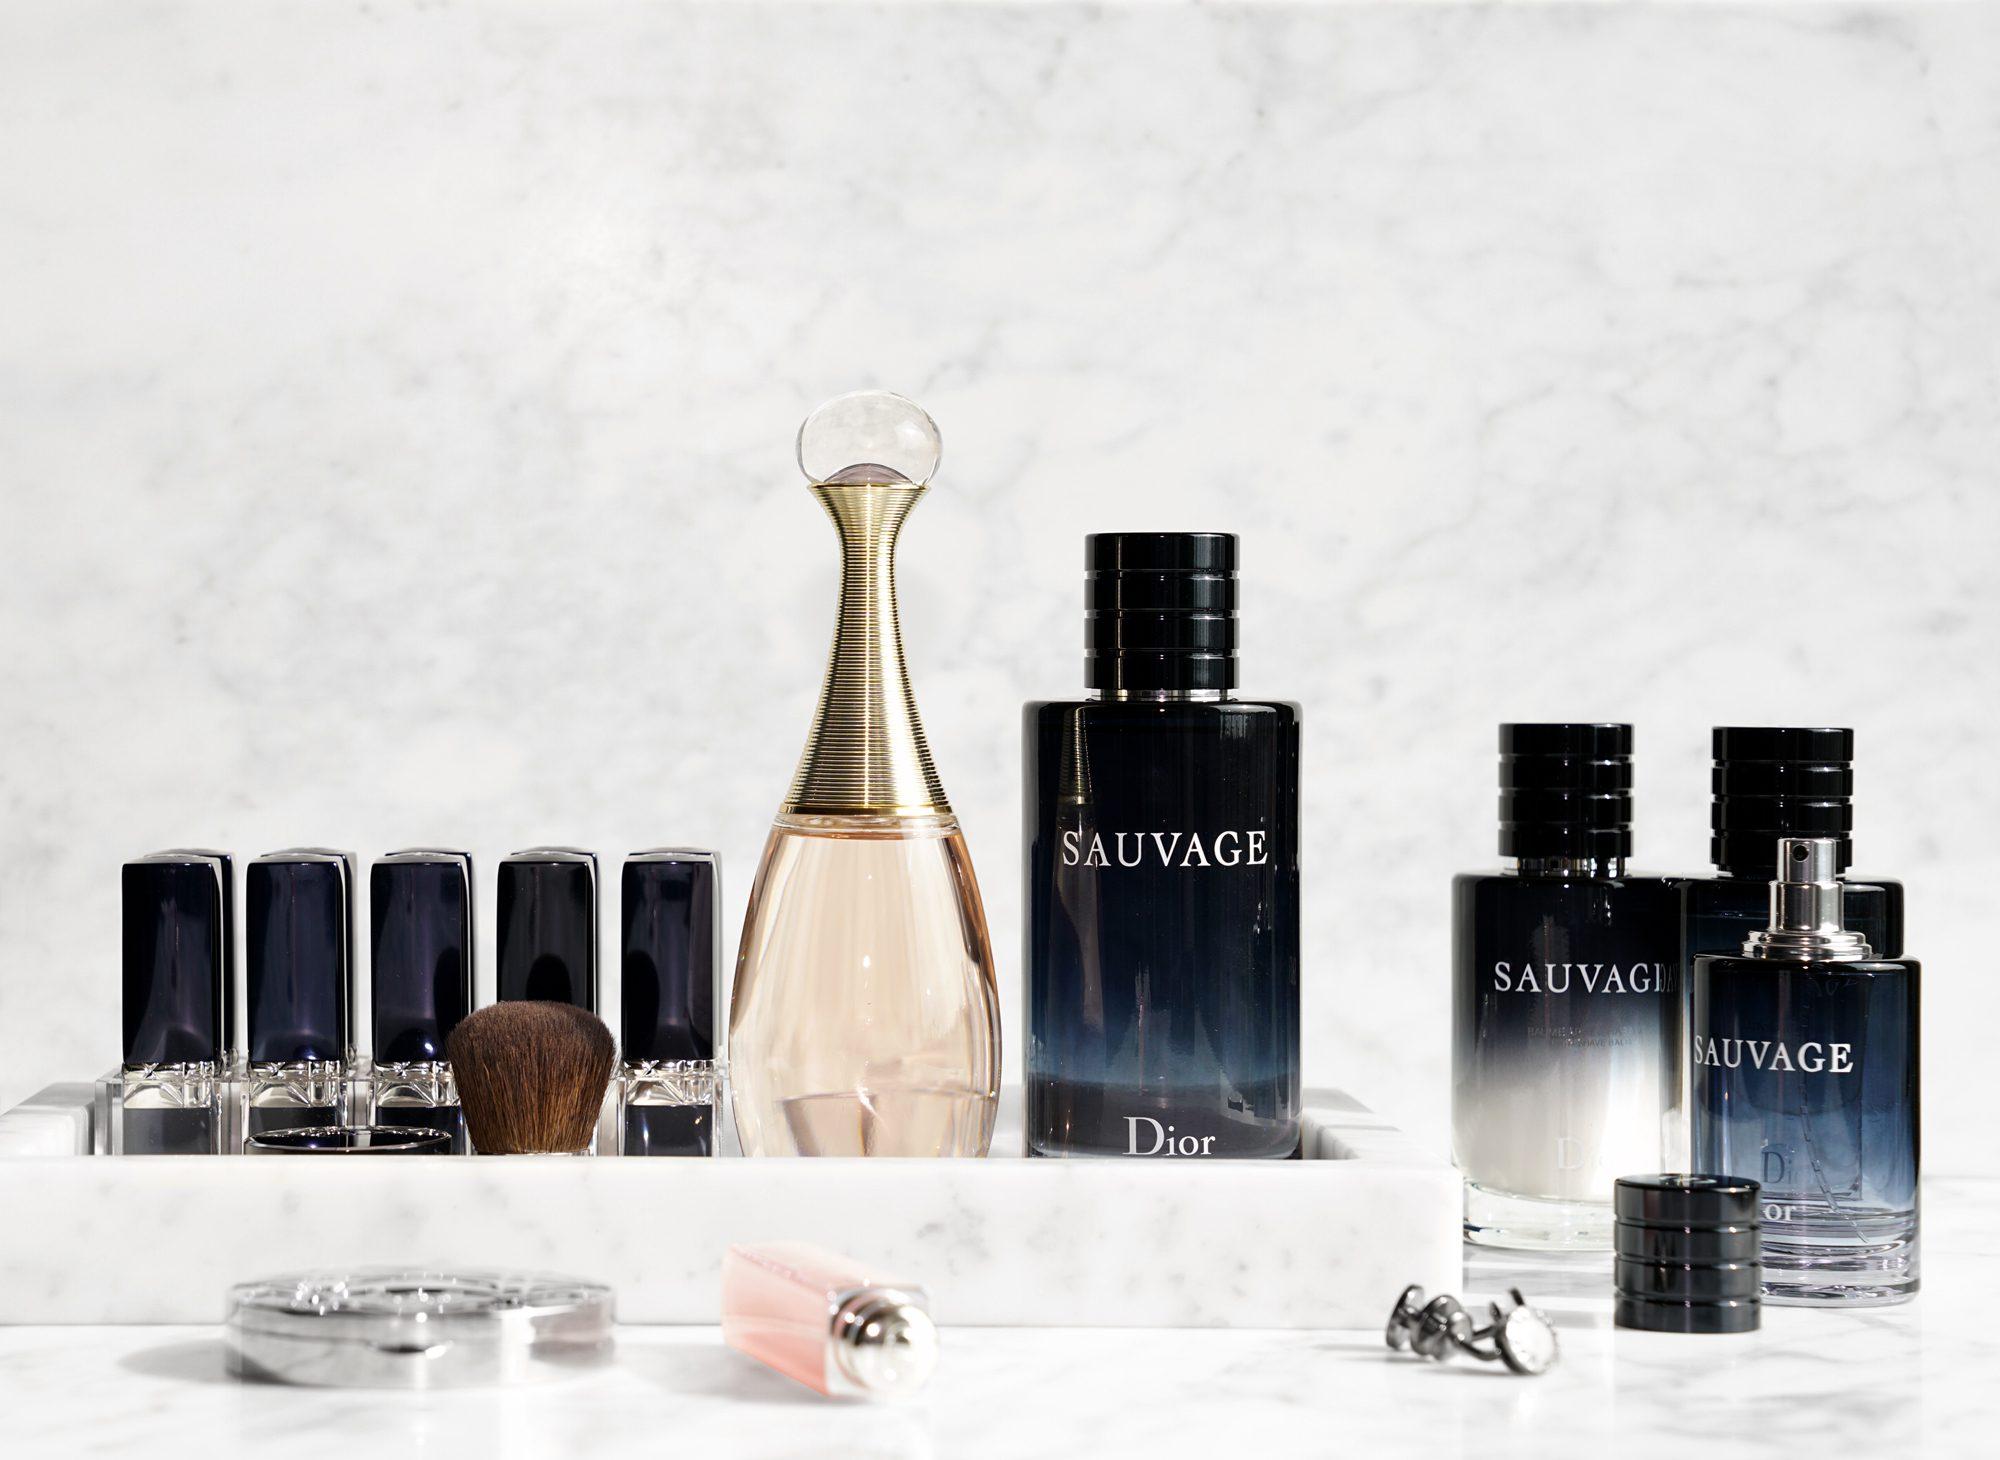 Dior Jadore Eau de Toilette and Sauvage Eau de Toilette